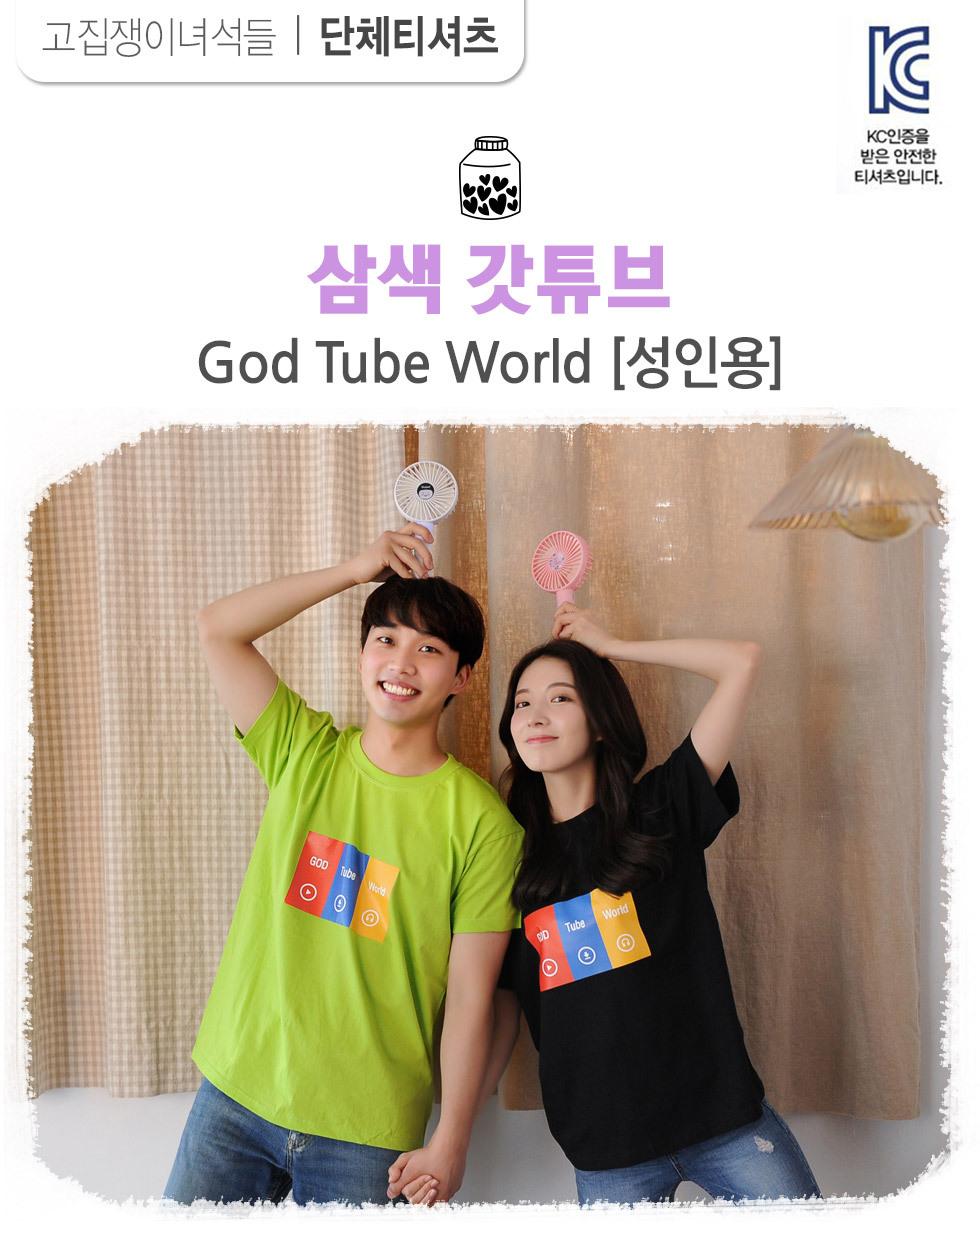 교회단체티 God Tube World 삼색갓튜브 intro